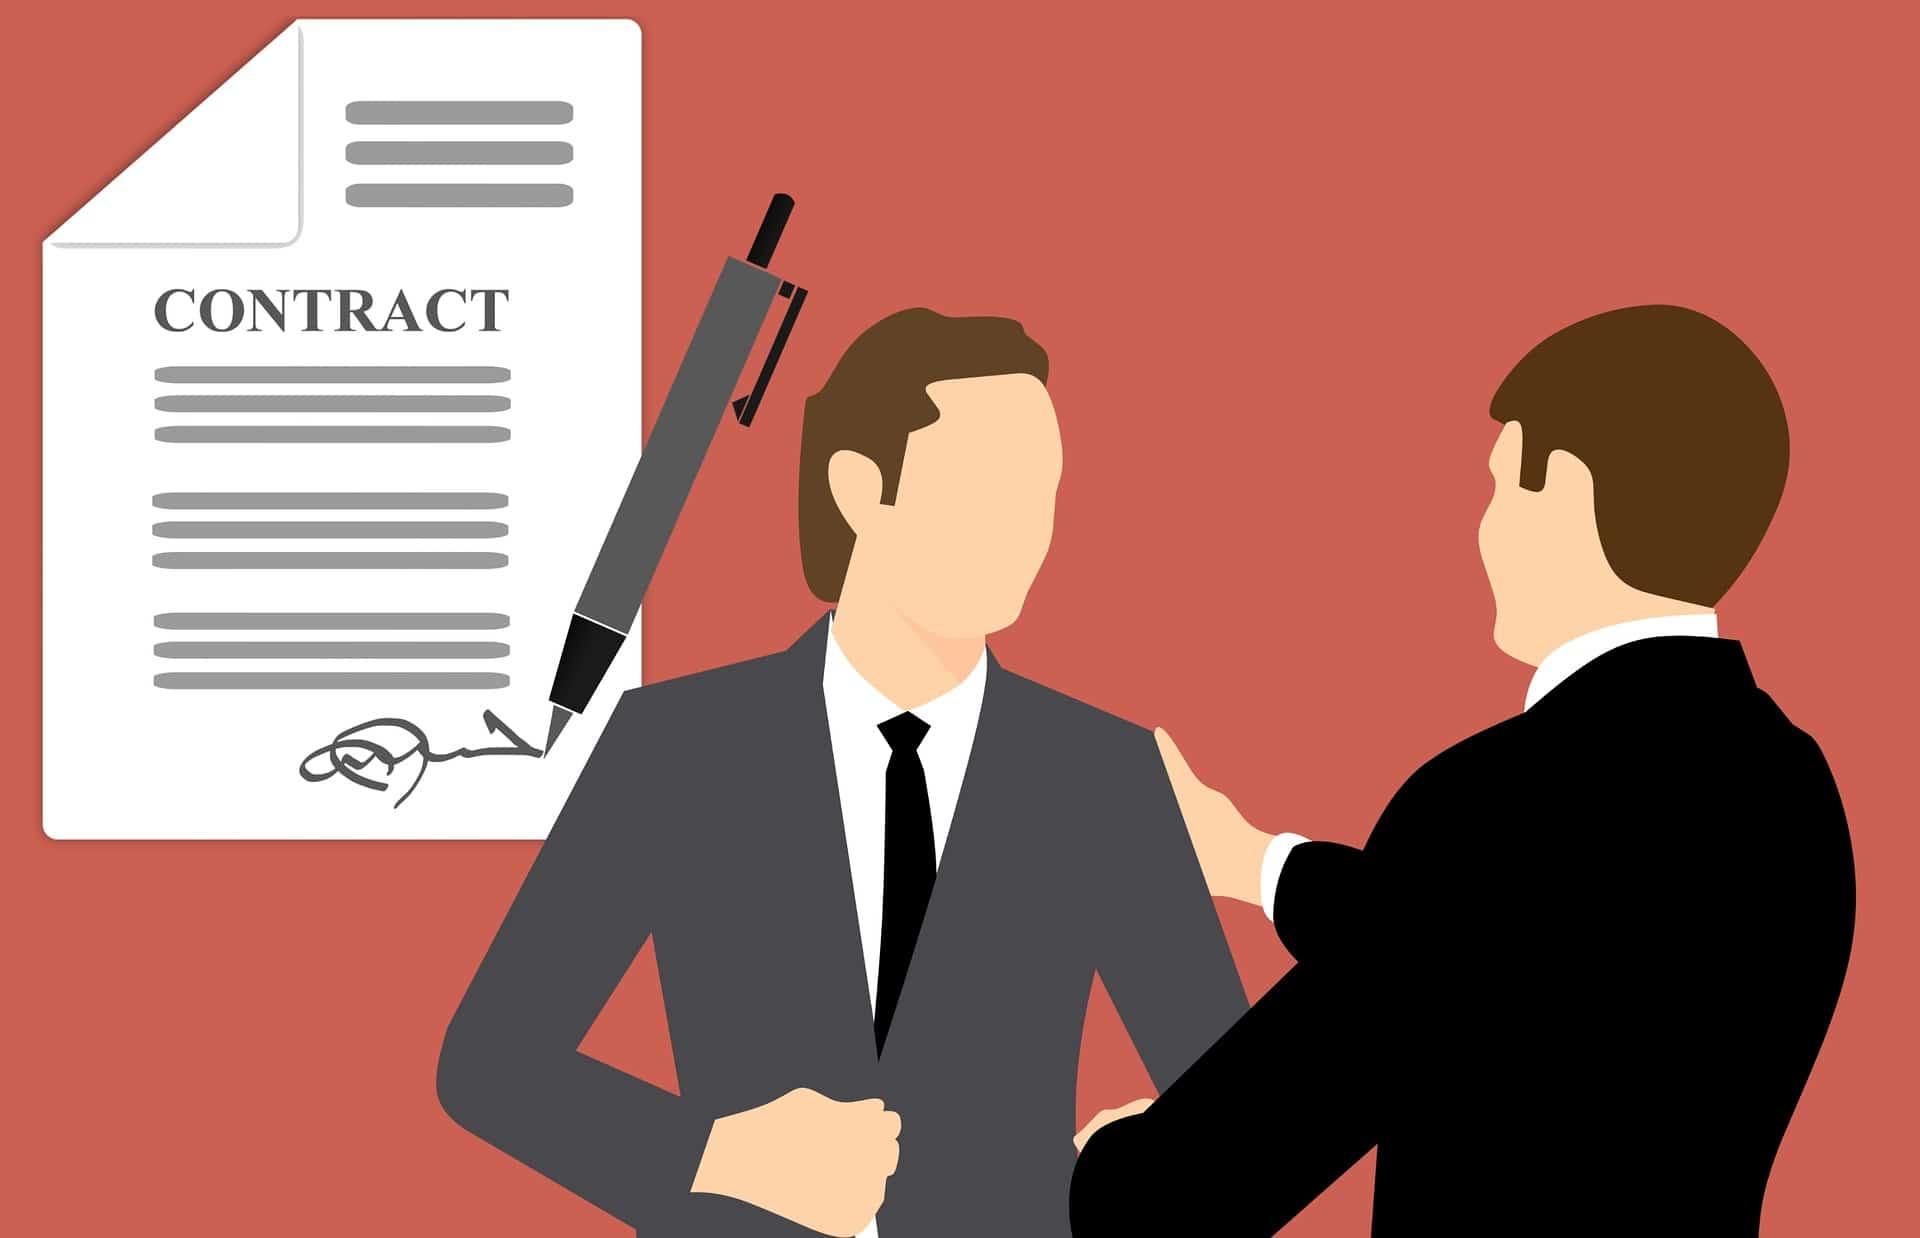 האם מעסיק רשאי לכפות עלי לא לגלות את שכרי?